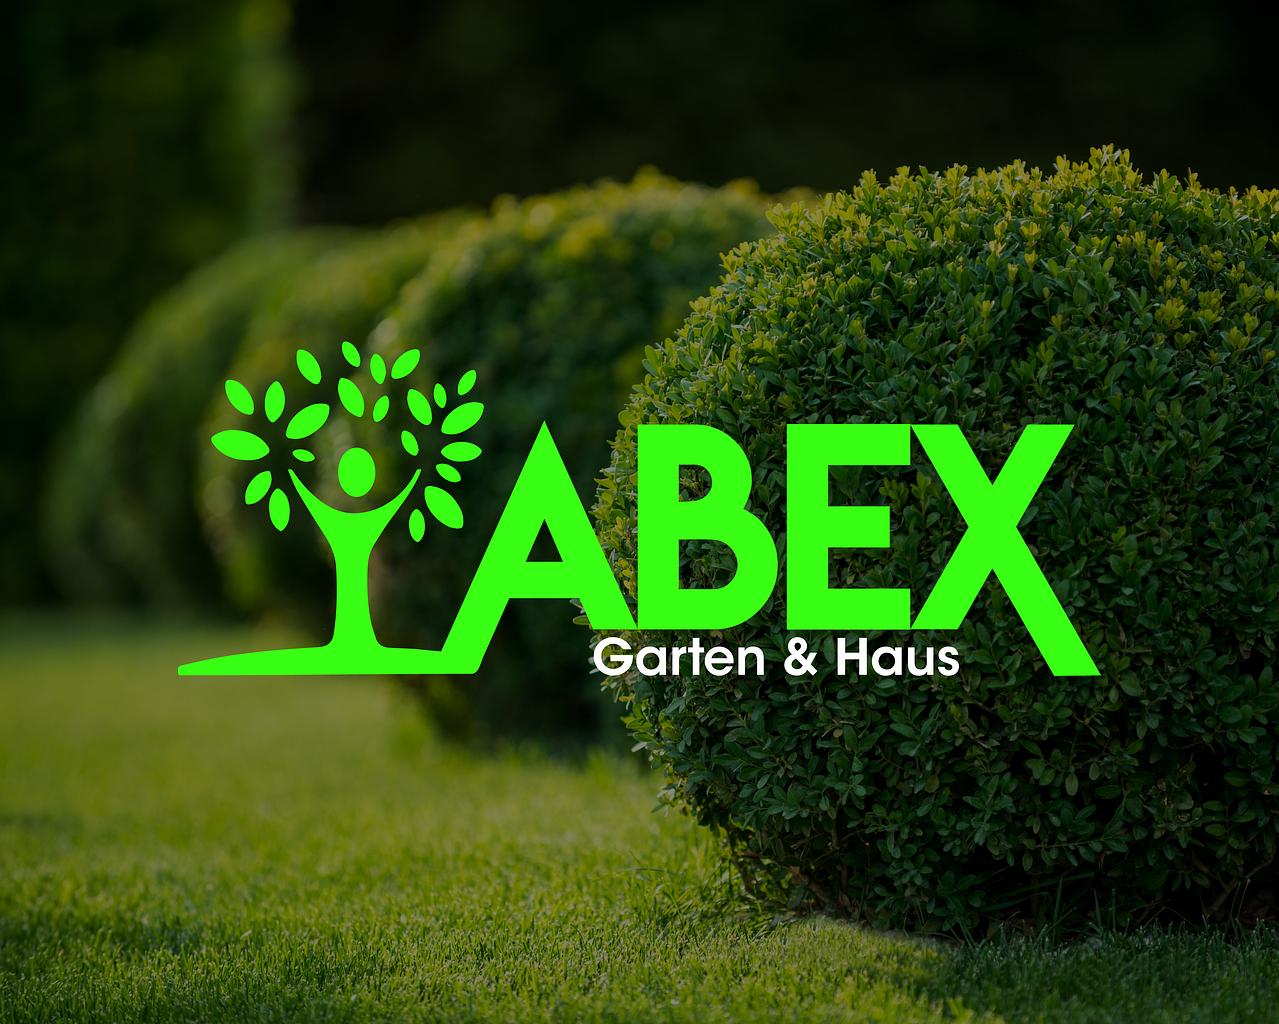 ABEX Garten & Haus